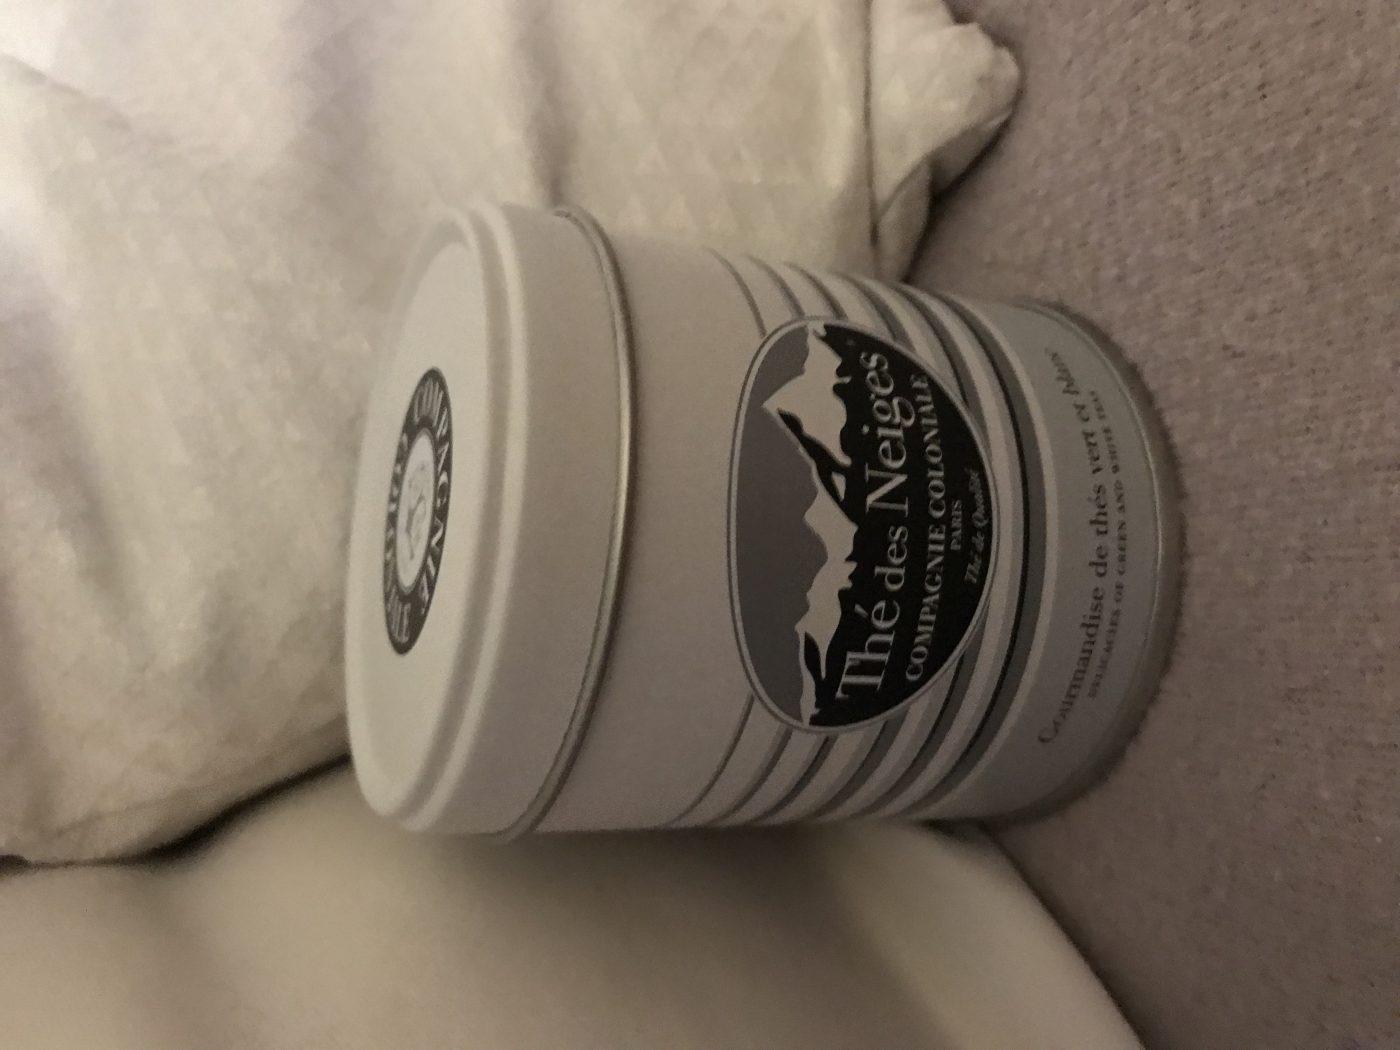 J'ai testé pour vous le thé des neiges de la compagnie coloniale